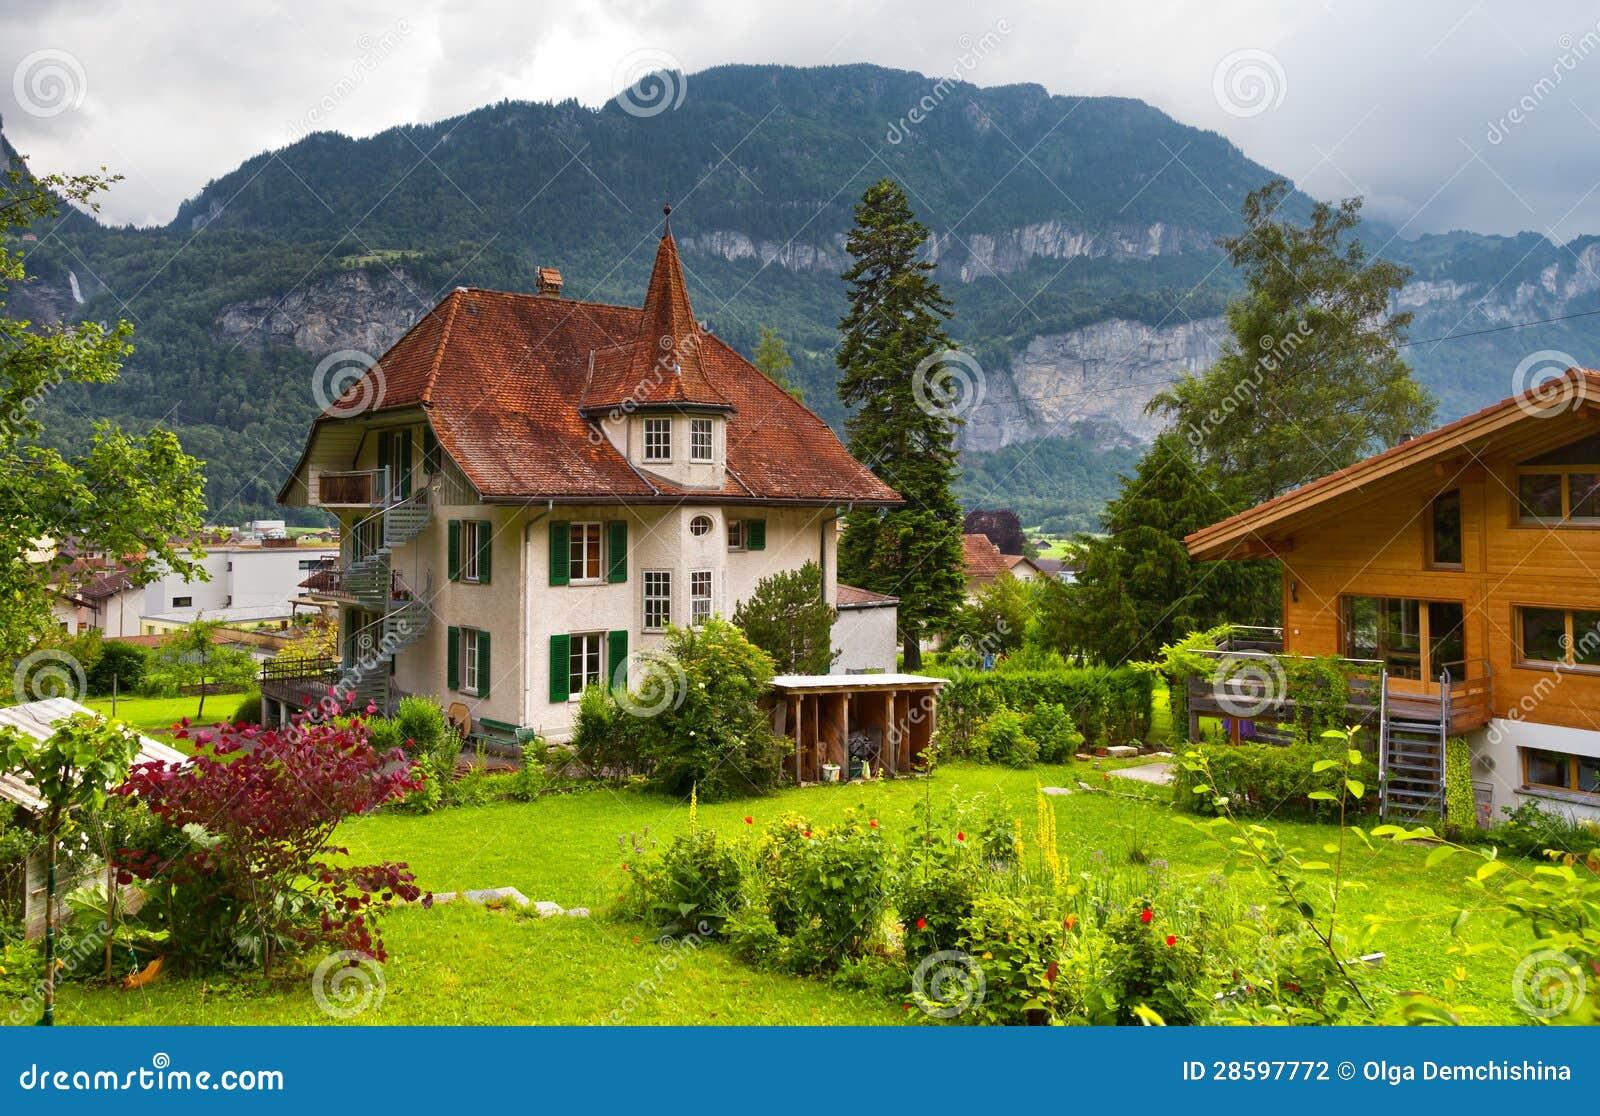 Casas suizas con un jard n fotograf a de archivo imagen for Casa de madera con jardin